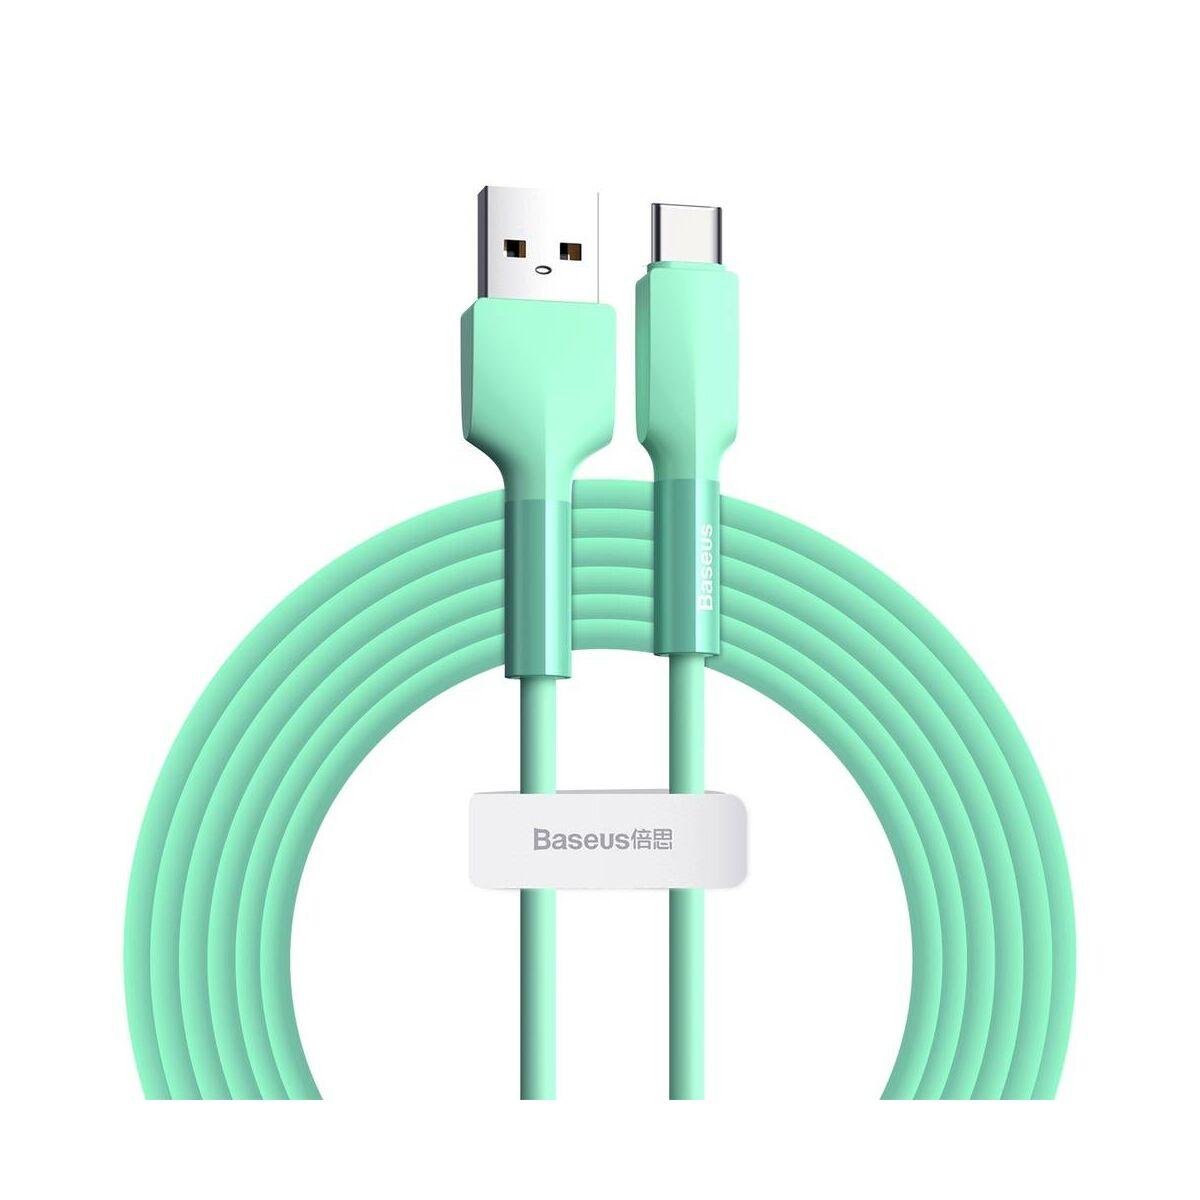 Baseus Type-C Szilikon kábel 2A, 2m, zöld (CATGJ-A06)